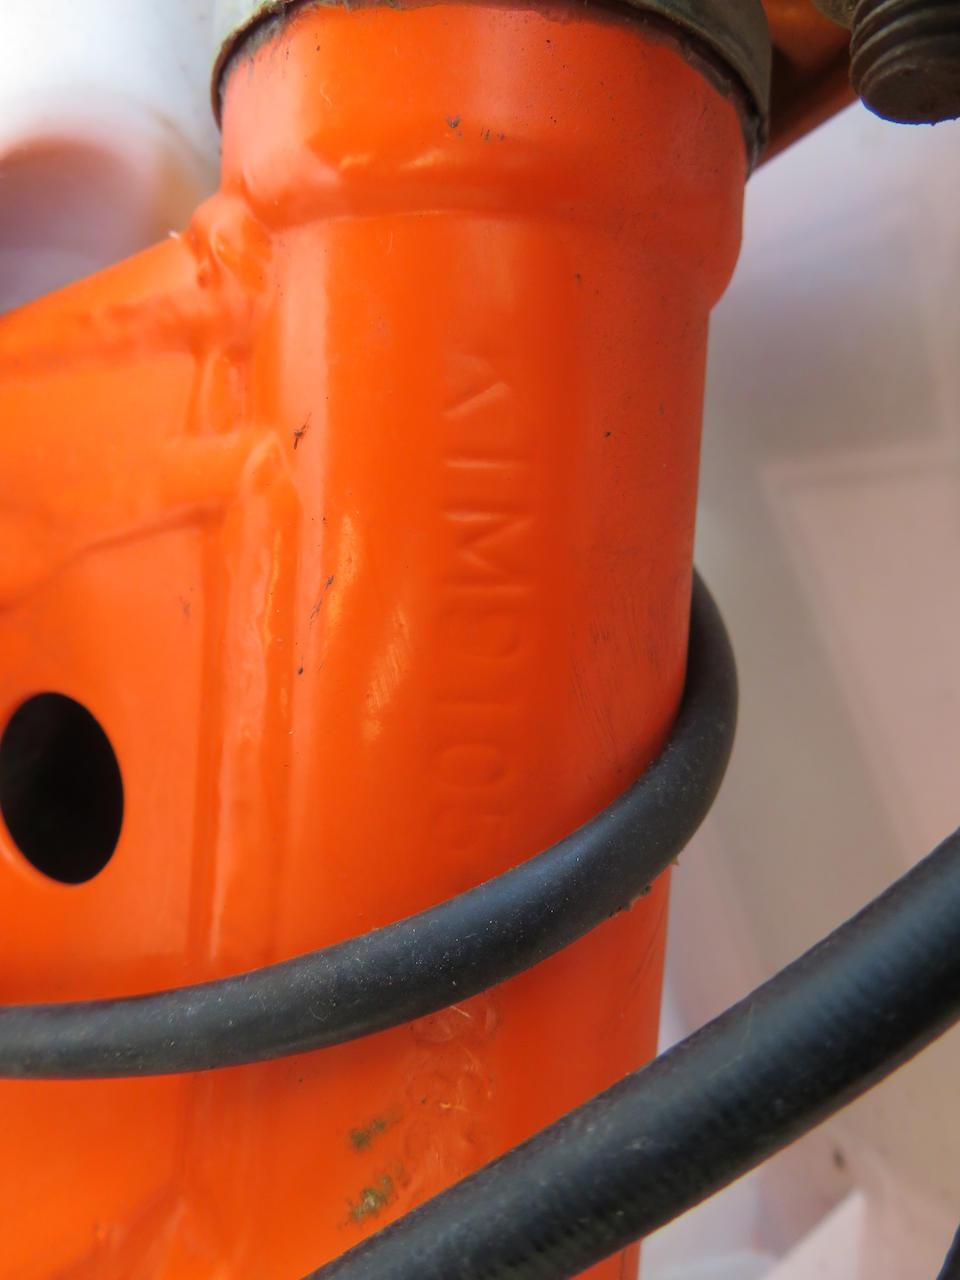 c.1998 KTM 85cc SX 85 Frame no. KTM9105-93629 Engine no. *03855*